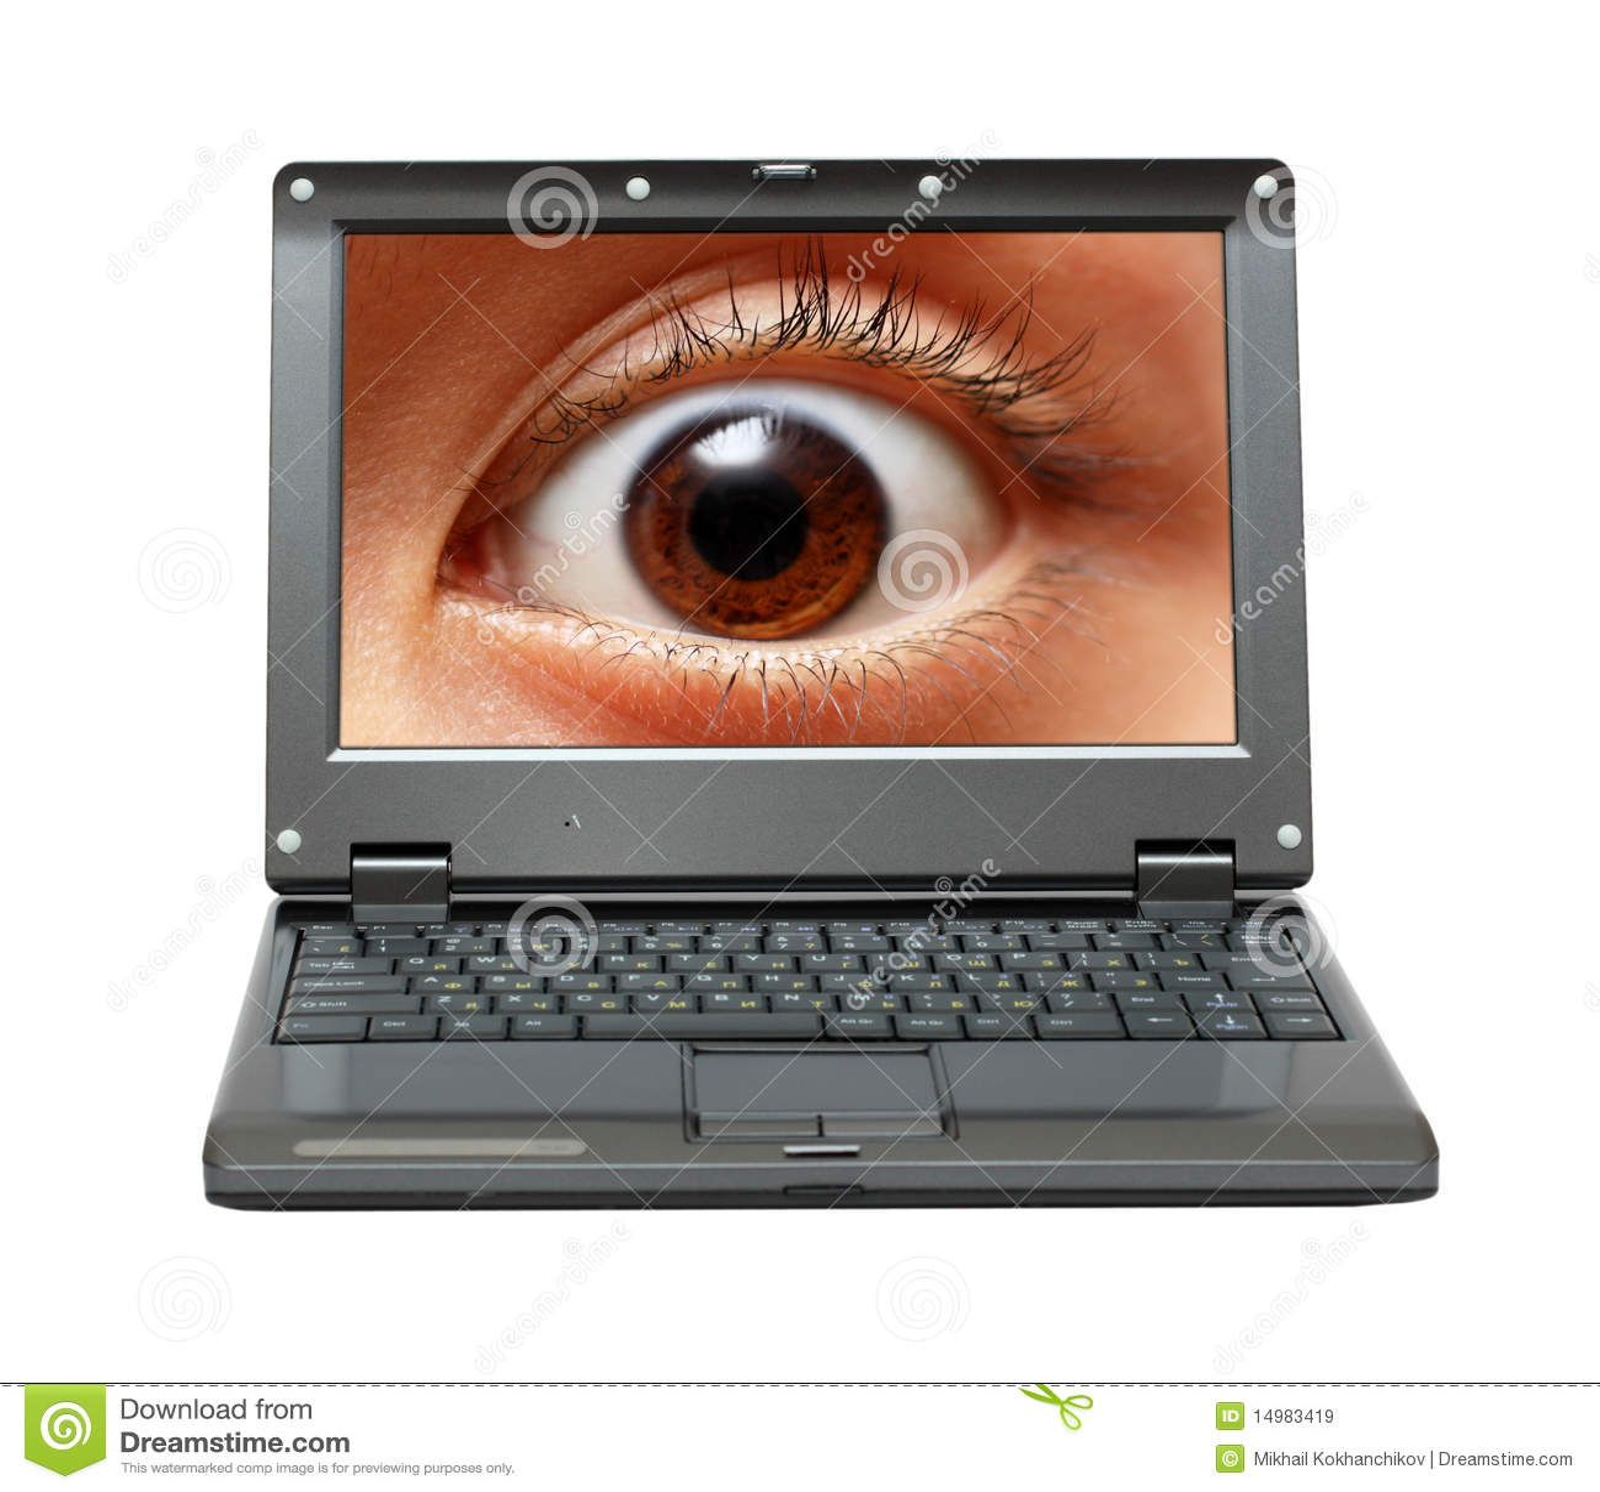 Piccolo Computer Portatile Con L'occhio Sullo Schermo Immagine Stock - Immagine di ...